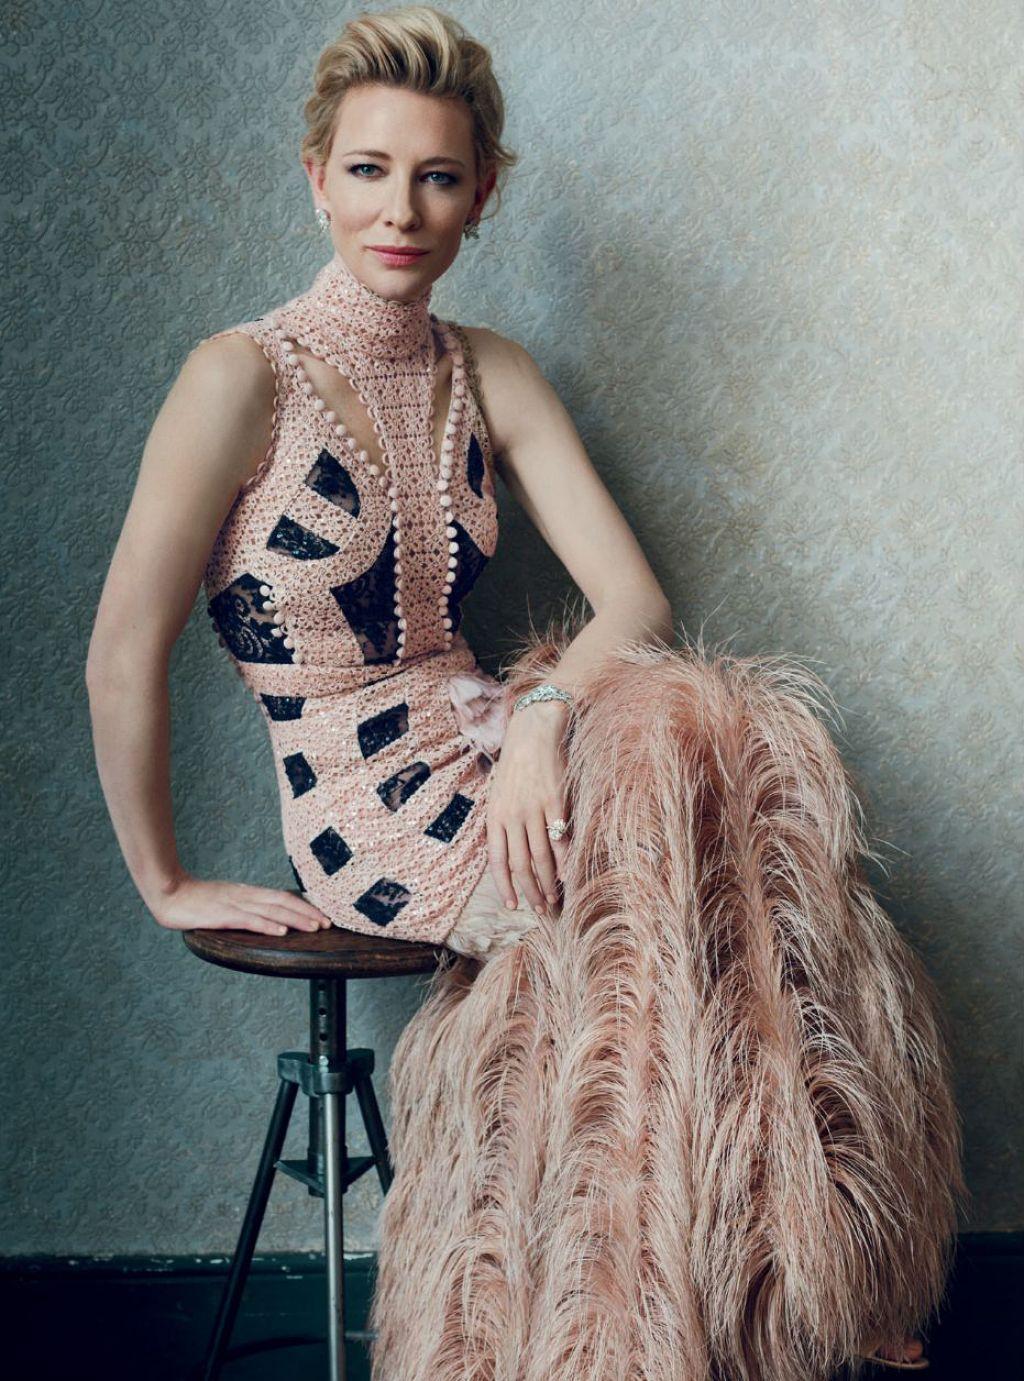 Cate Blanchett - Harper's Bazaar Magazine February 2016 Photos Cate Blanchett